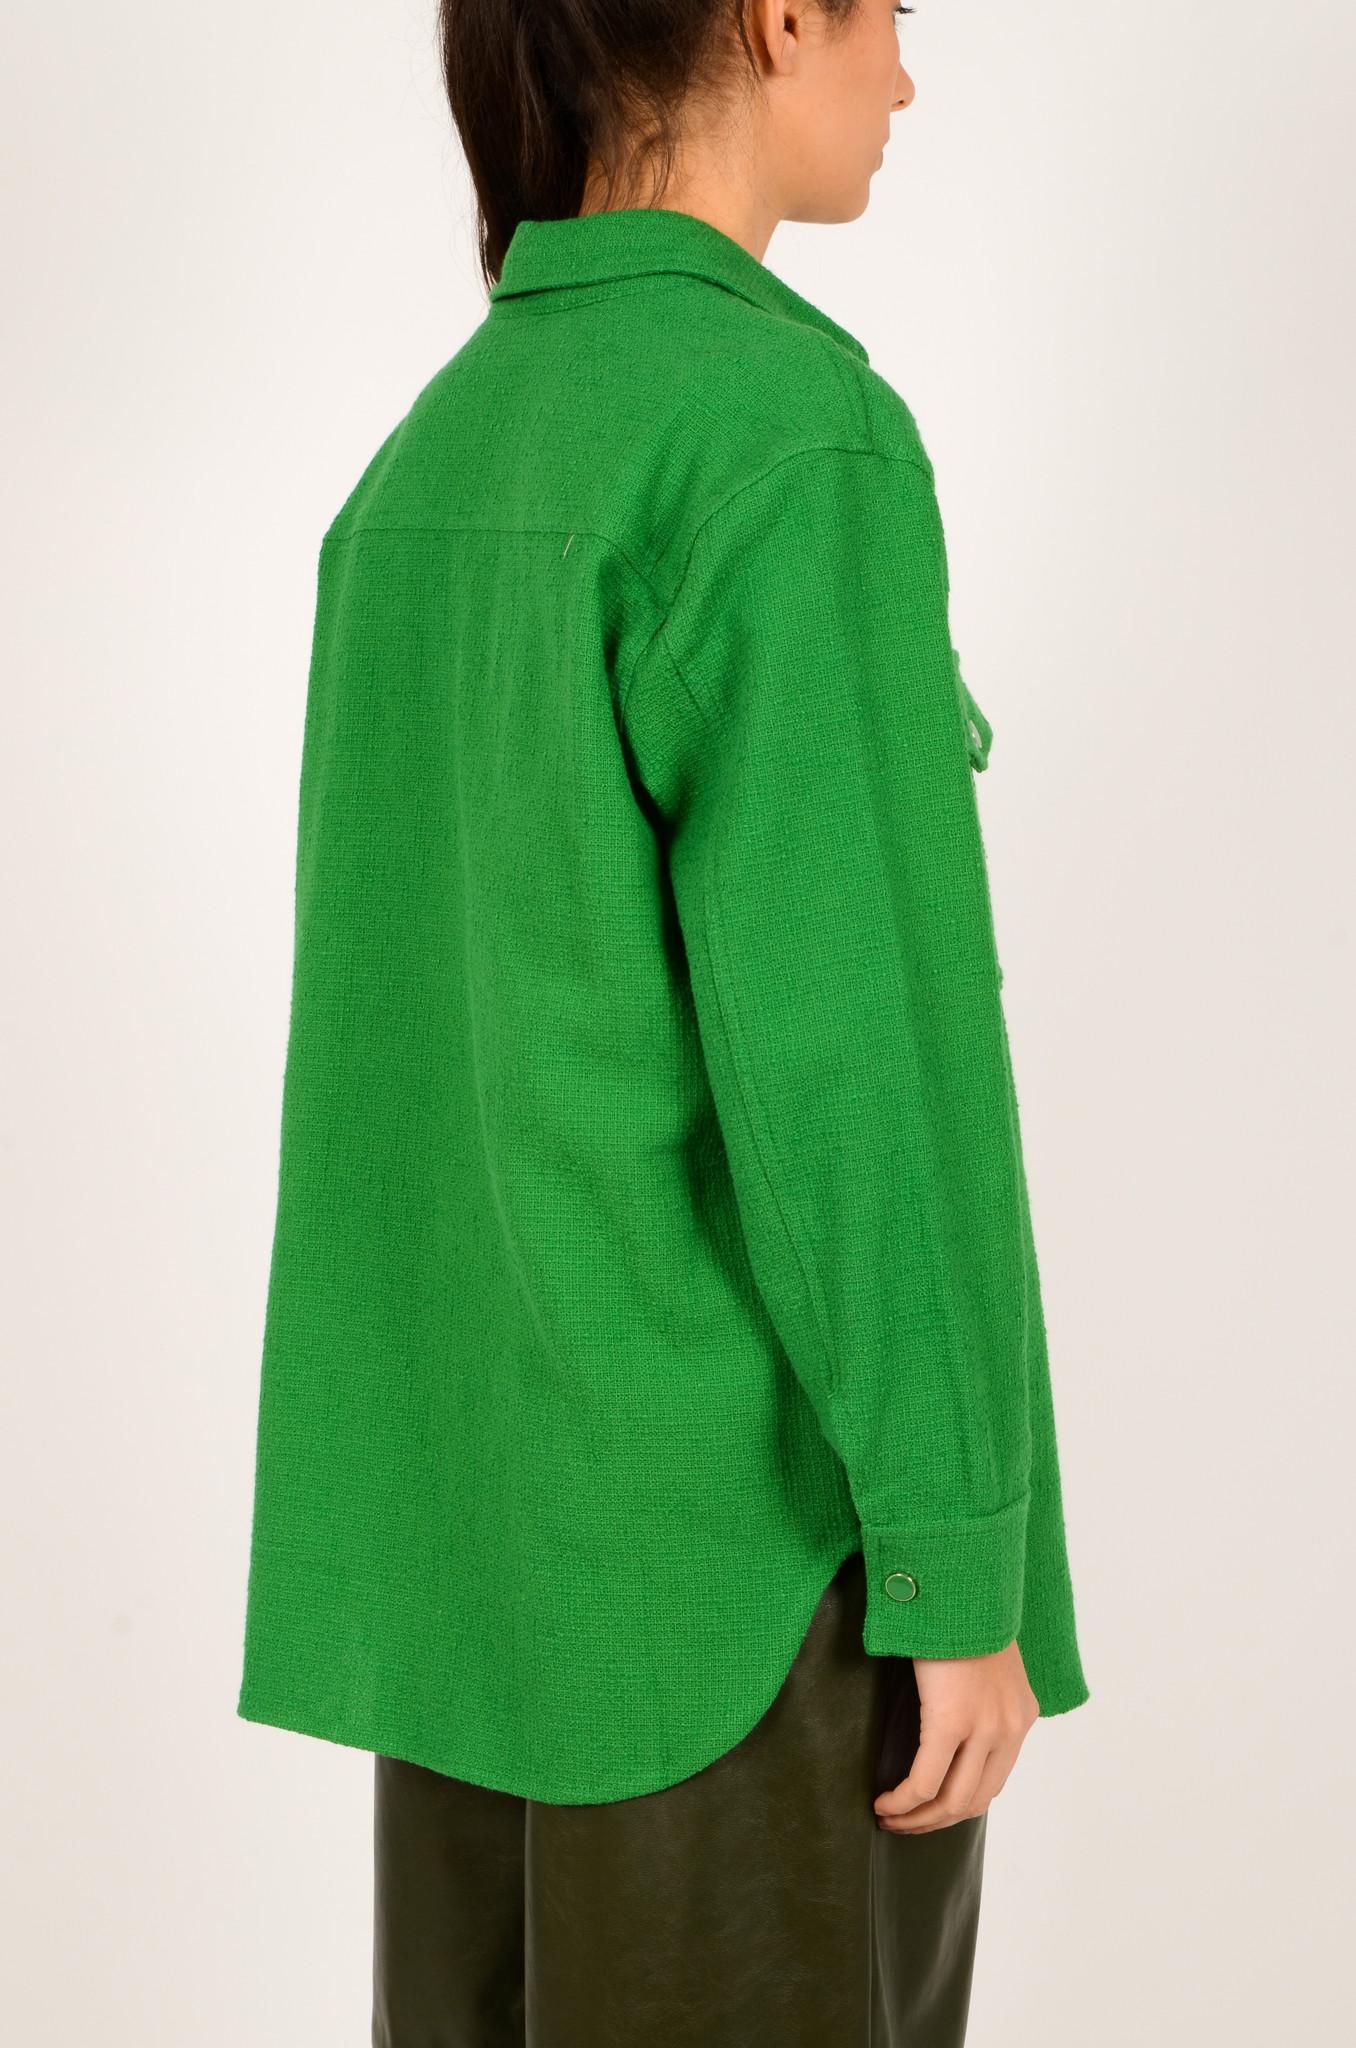 GREEN TEXTURED SHIRT JACKET-4